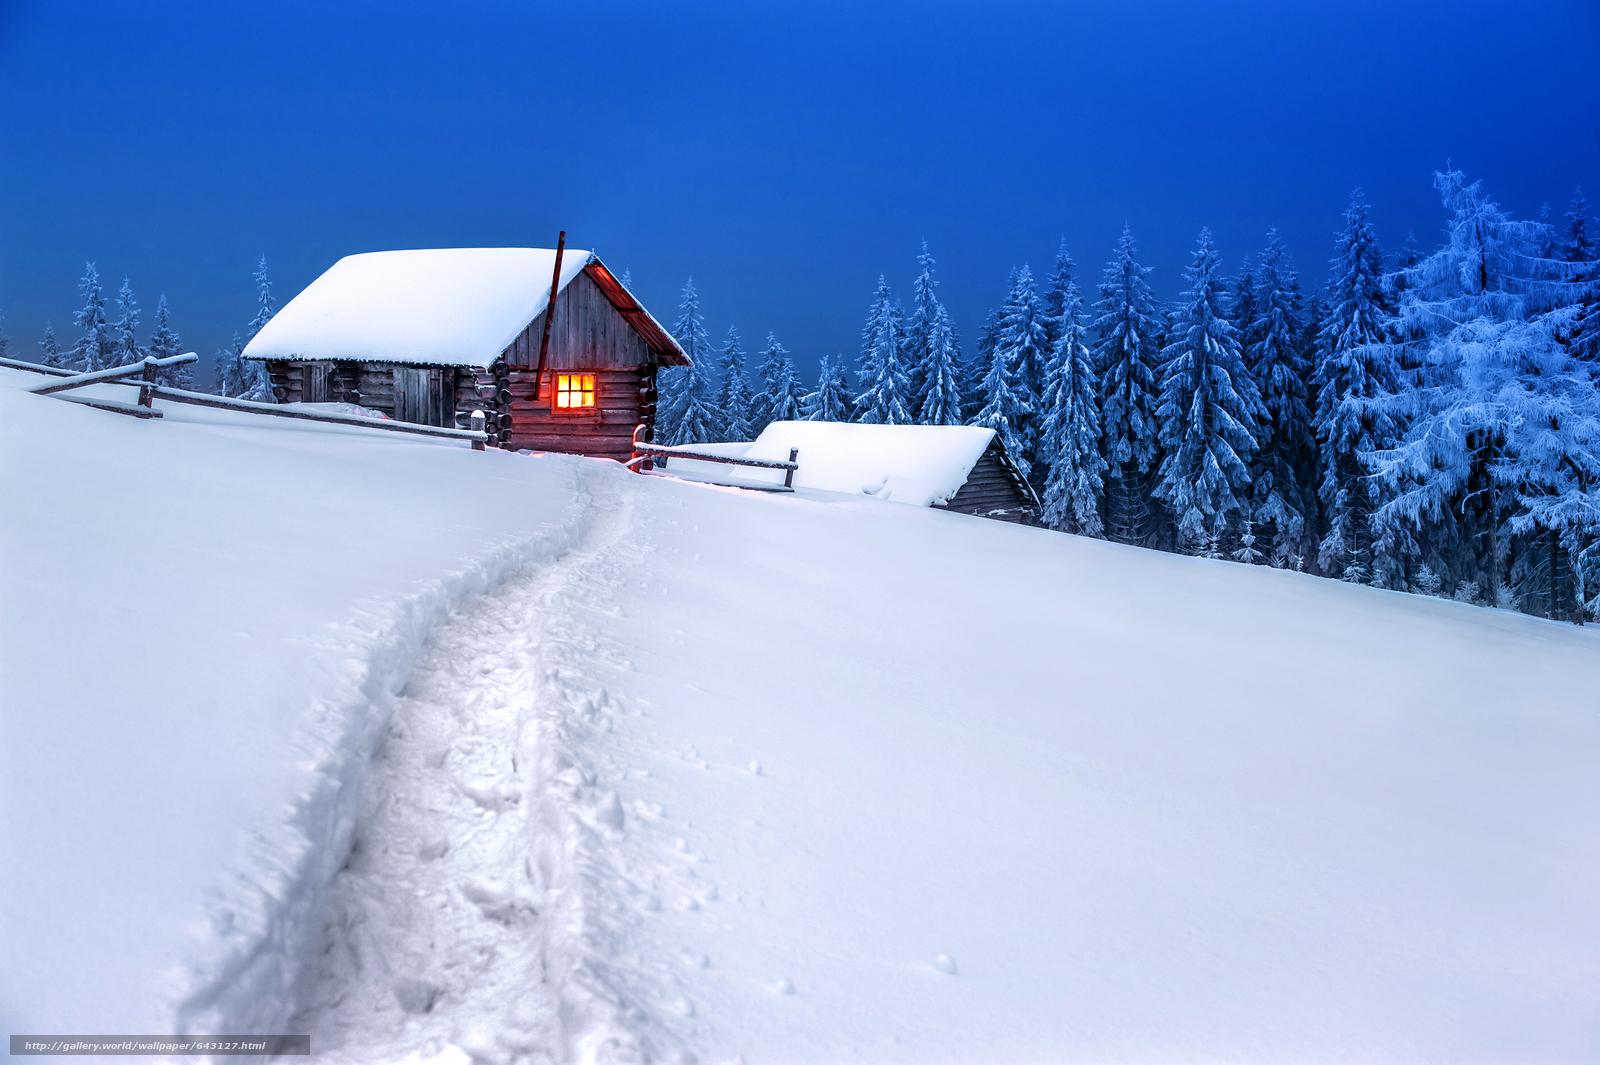 Скачать обои зима,  сугробы,  снег,  домик бесплатно для рабочего стола в разрешении 6016x4004 — картинка №643127